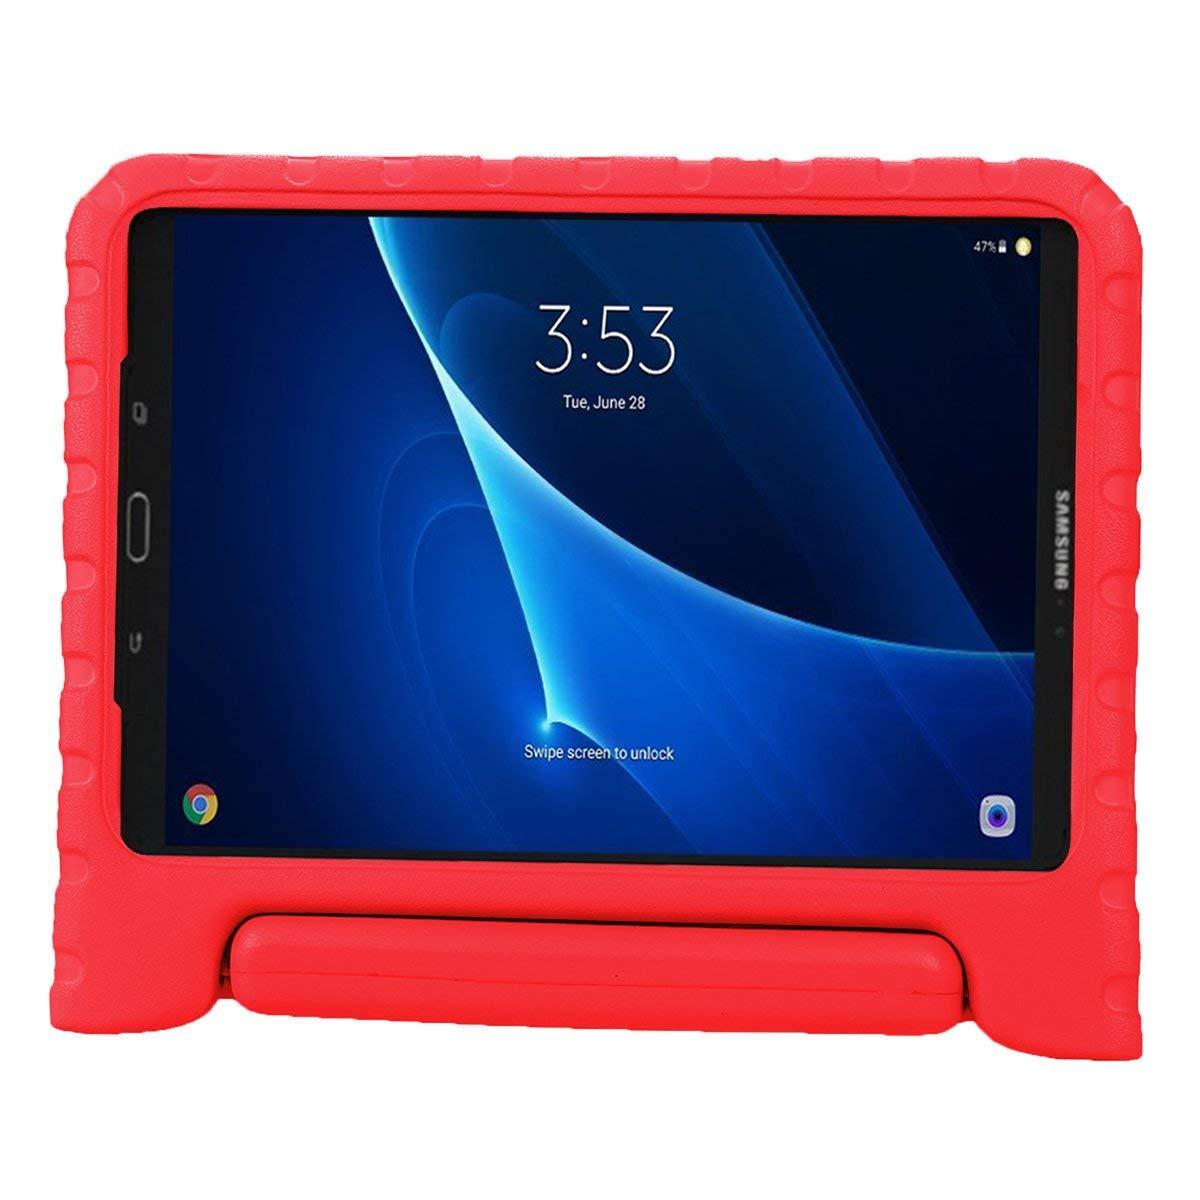 LEADSTAR Coque pour Samsung Galaxy Tab A 10.1 EVA Etui Poign/ée Stand /Étui Enfants Housse Antichoc Protecteur Kids Coque Anti-Chocs pour Samsung Galaxy Tab A 10.1-pouces SM-T580 SM-T585 Nior